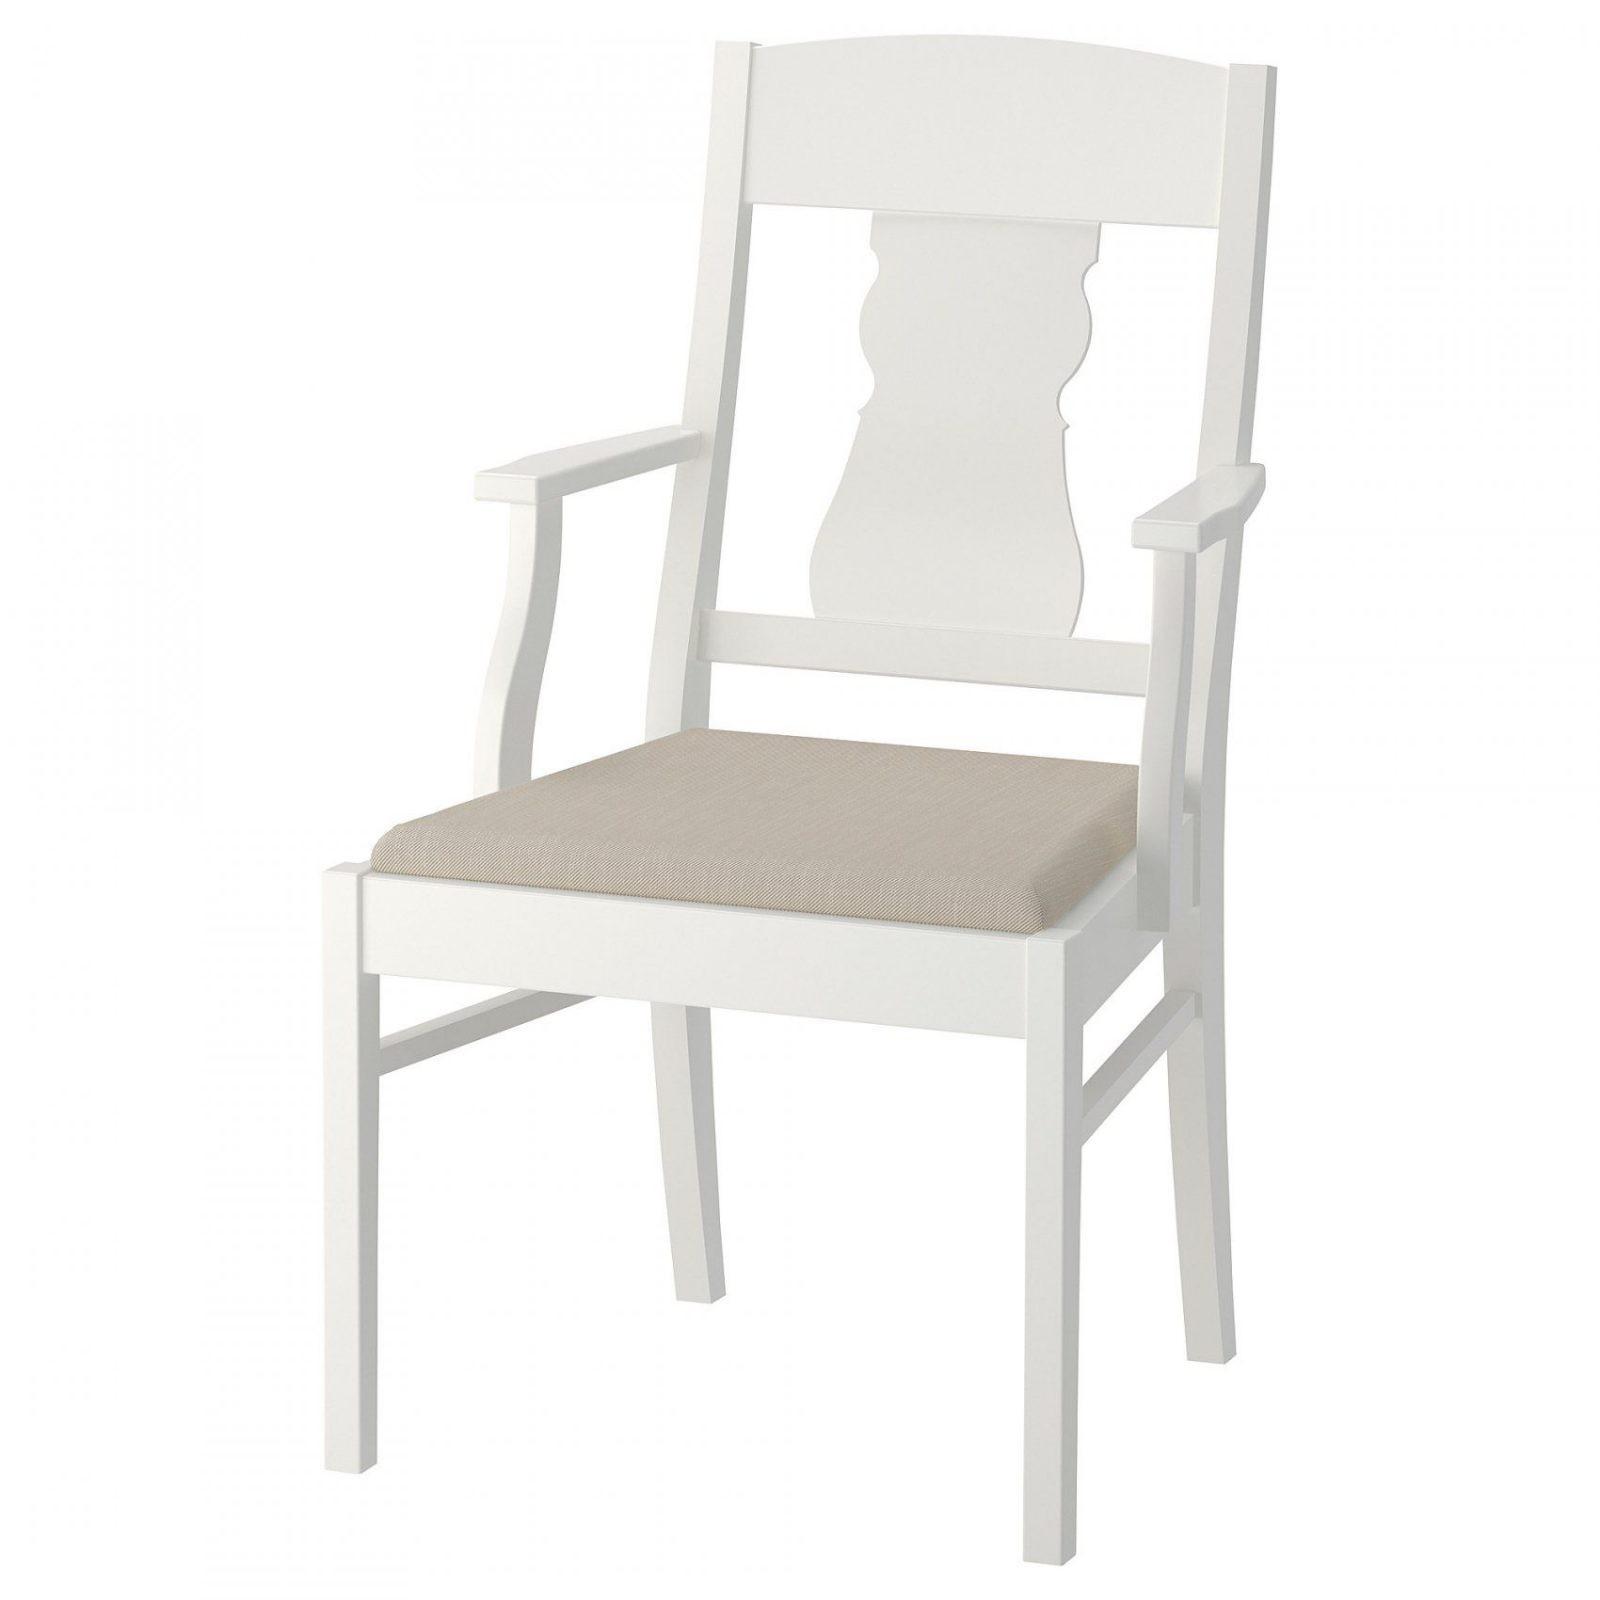 Esszimmer Erregend Roller Stühle Esszimmer Design Schick von Ikea Stühle Mit Armlehne Photo